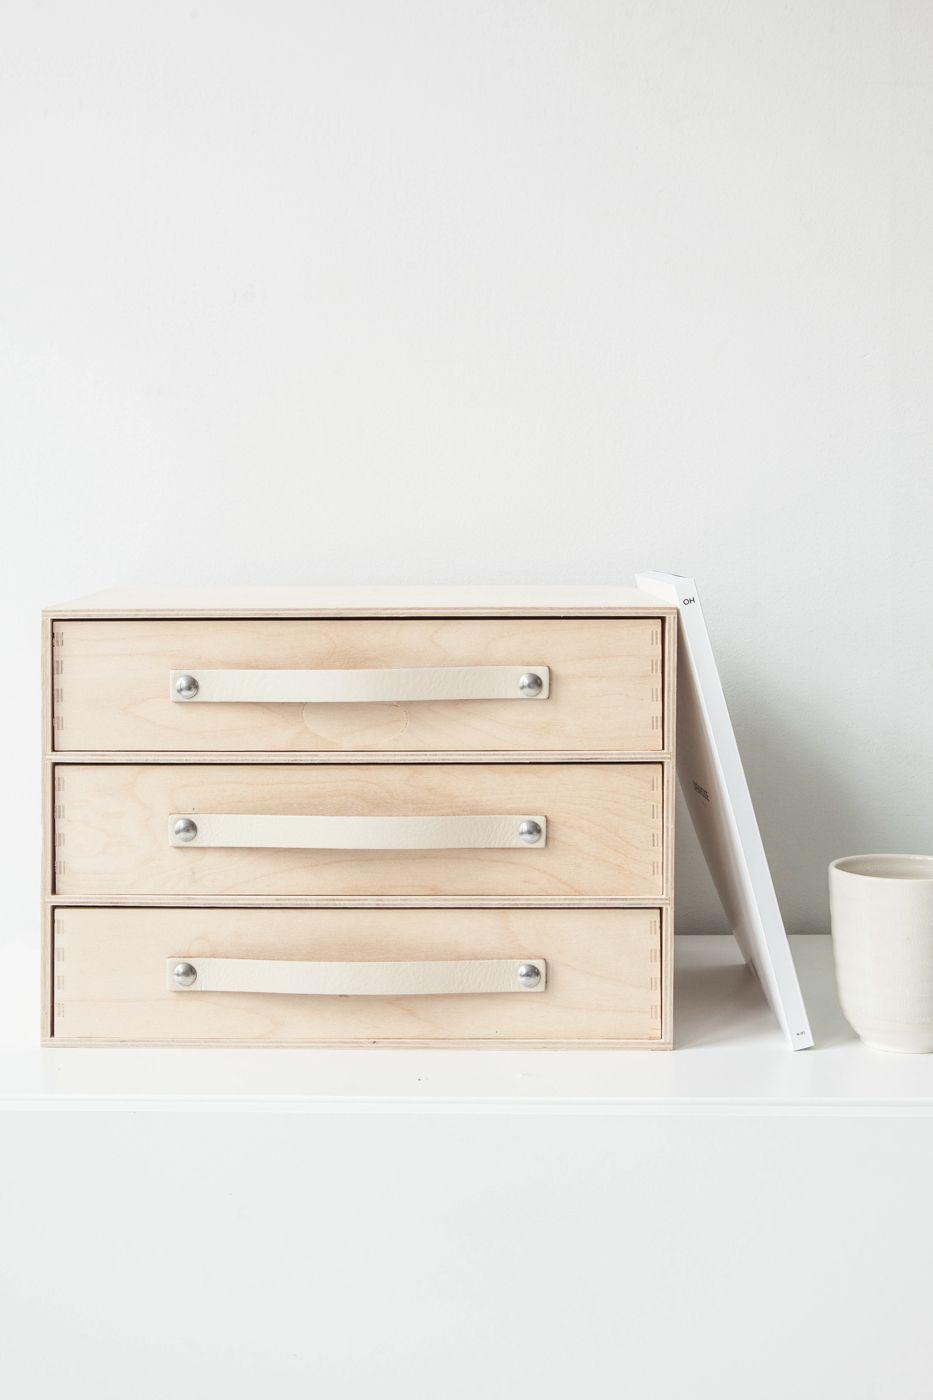 Design Studio Nu - leather handle size 3 - room